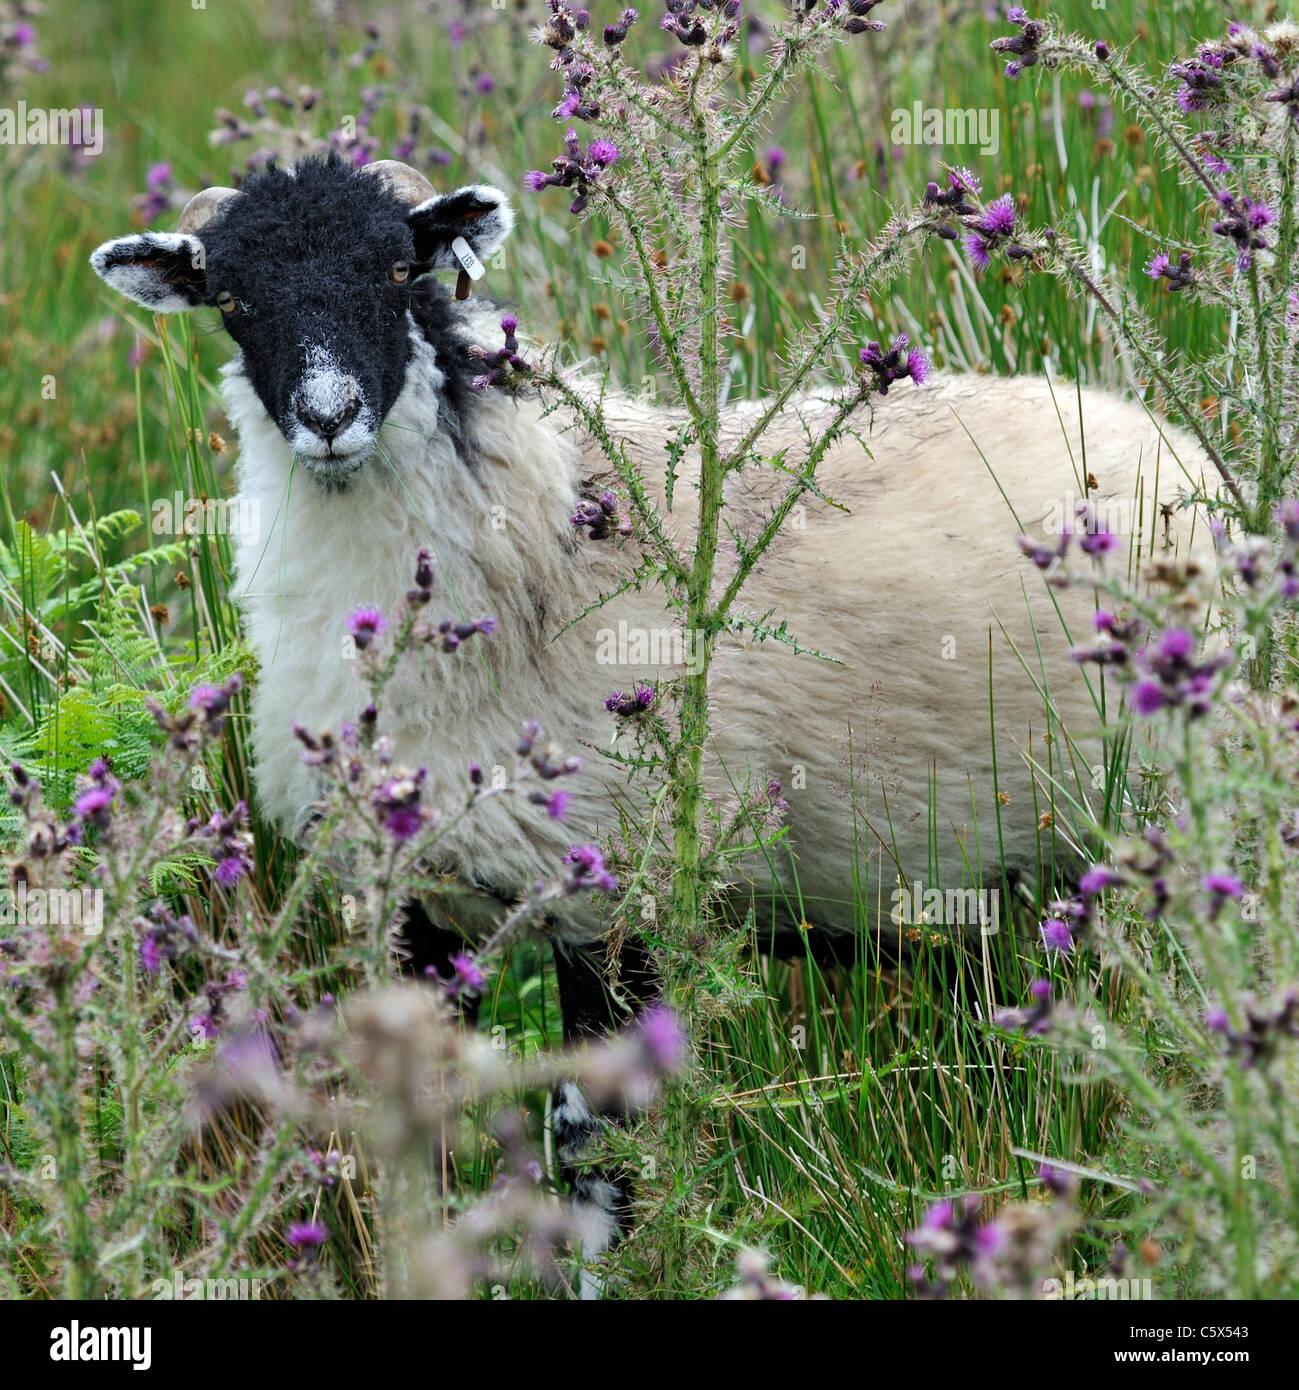 Wary Swaledale sheep amongst thistles, Startindale, Yorkshire, England - Stock Image